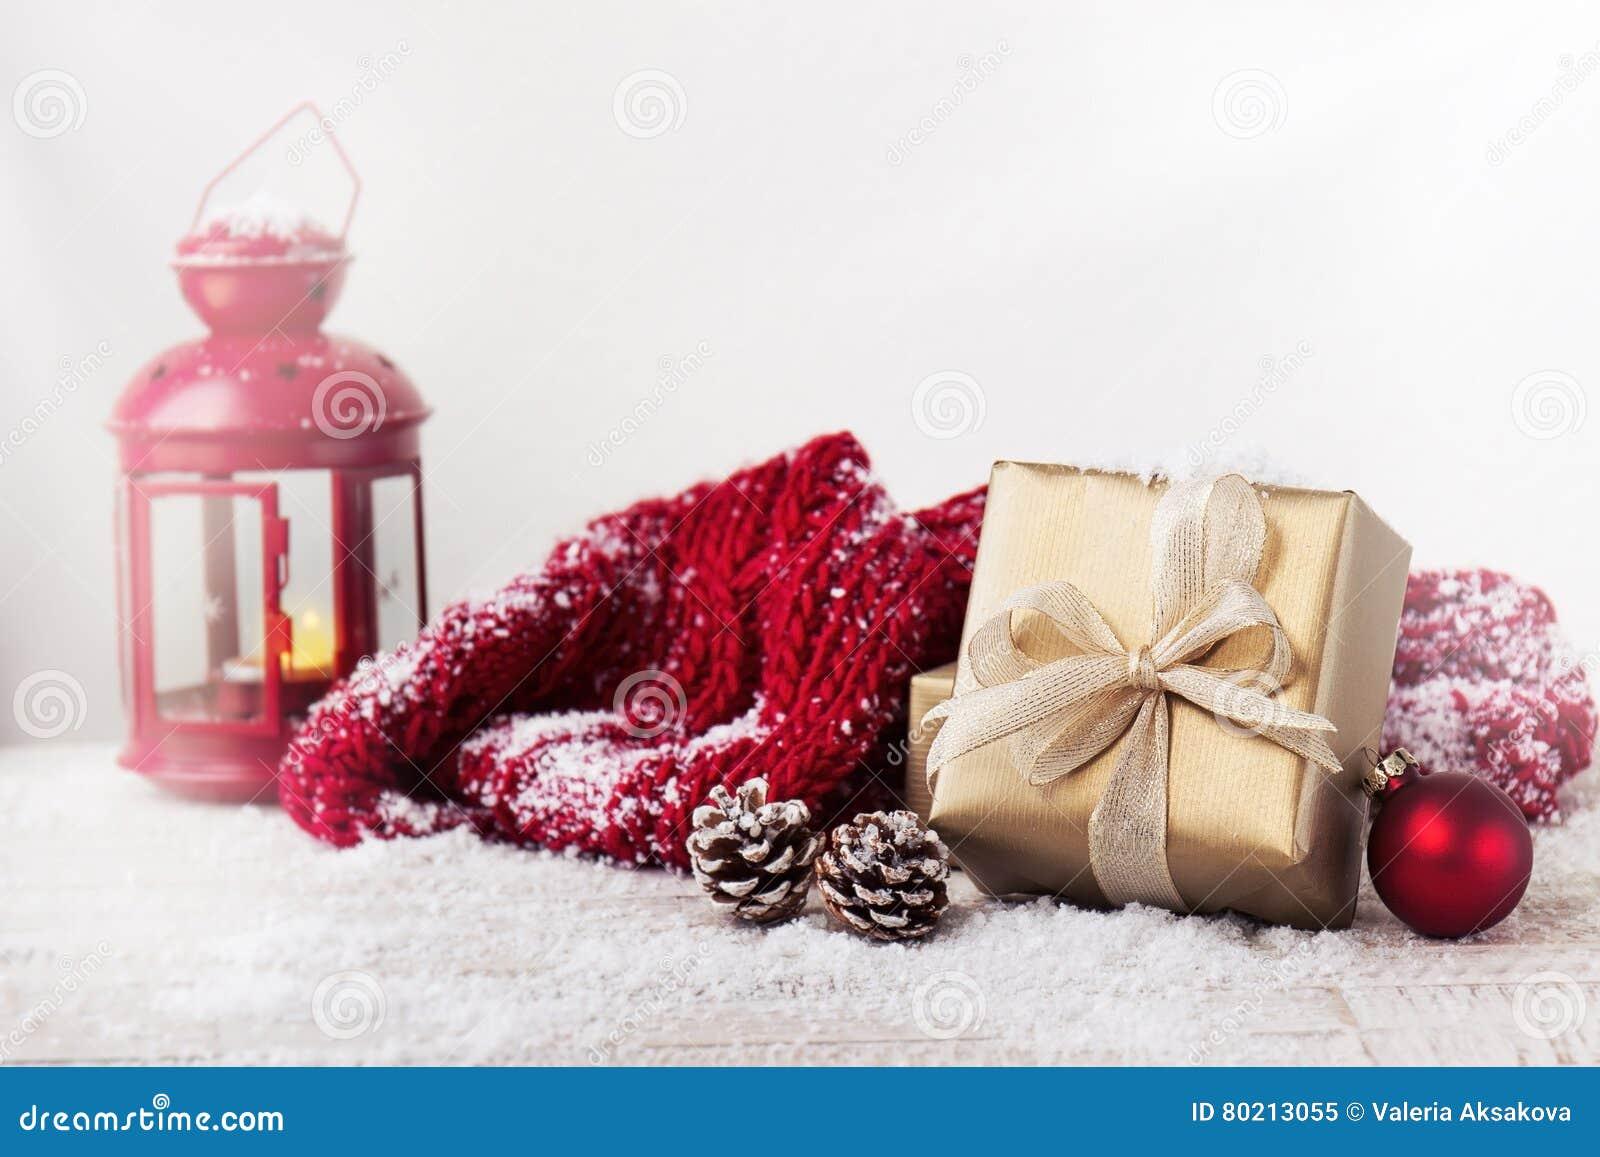 Regali Di Natale Eleganti.Regali Di Natale O Regali Con Le Decorazioni Eleganti Di Natale E Dell Arco Su Fondo Nevoso Luminoso Immagine Stock Immagine Di Disegno Regalo 80213055